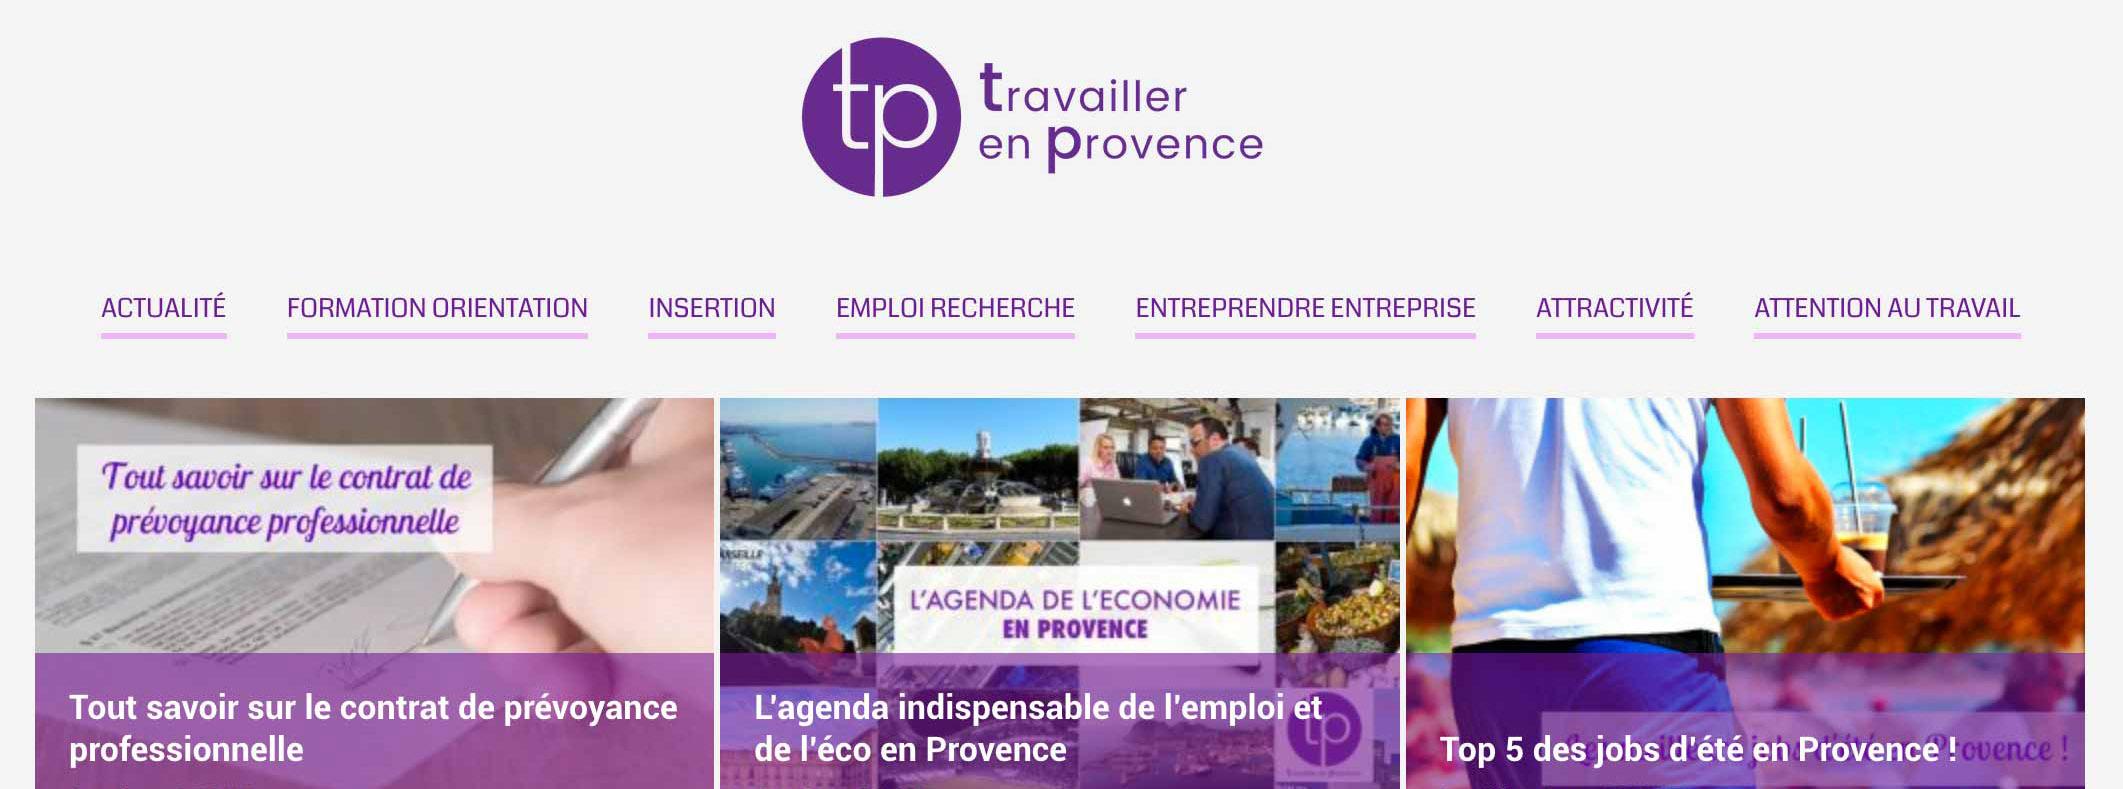 Création de logo, de maquette et intégration de l'encart TEP dans Made in Marseille